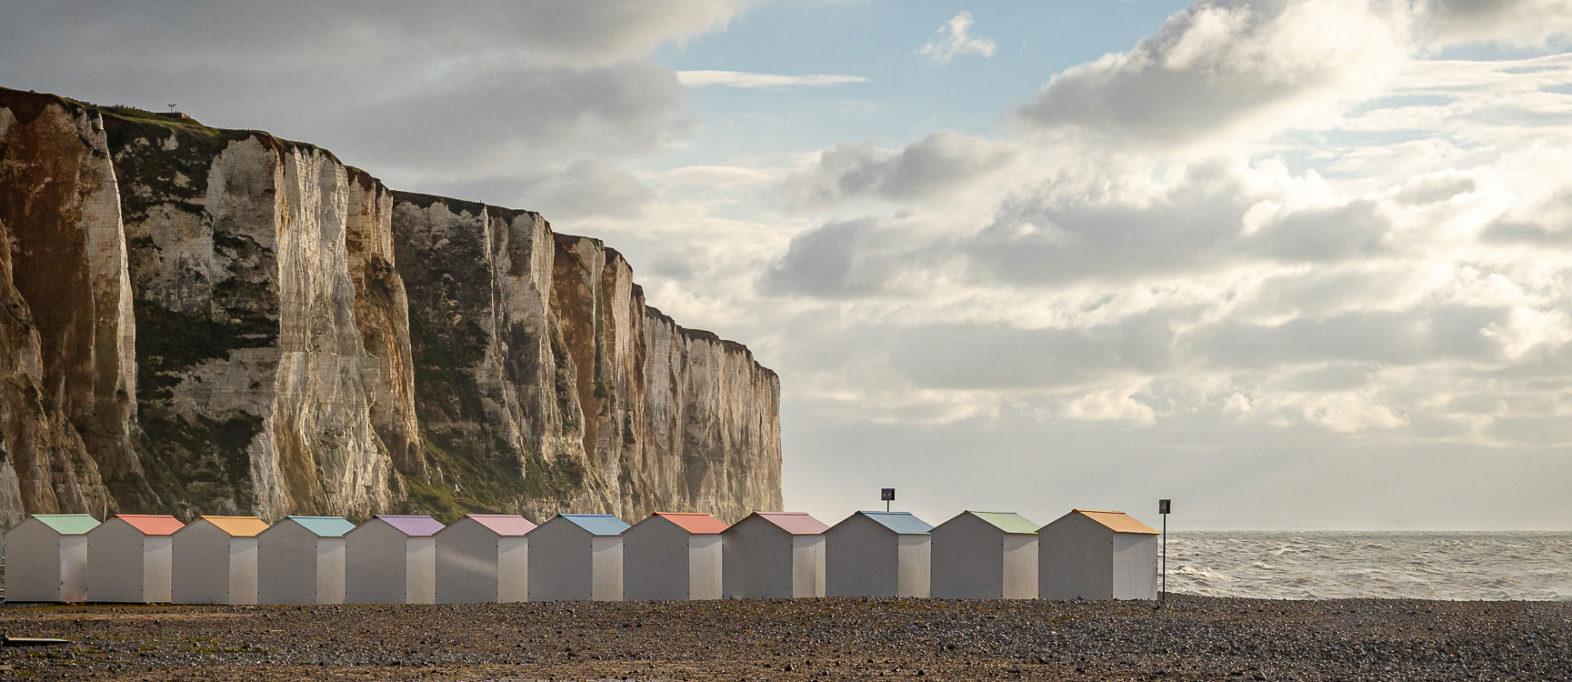 Normandie Sehenswürdigkeiten Le Tréport Steilküste Strand